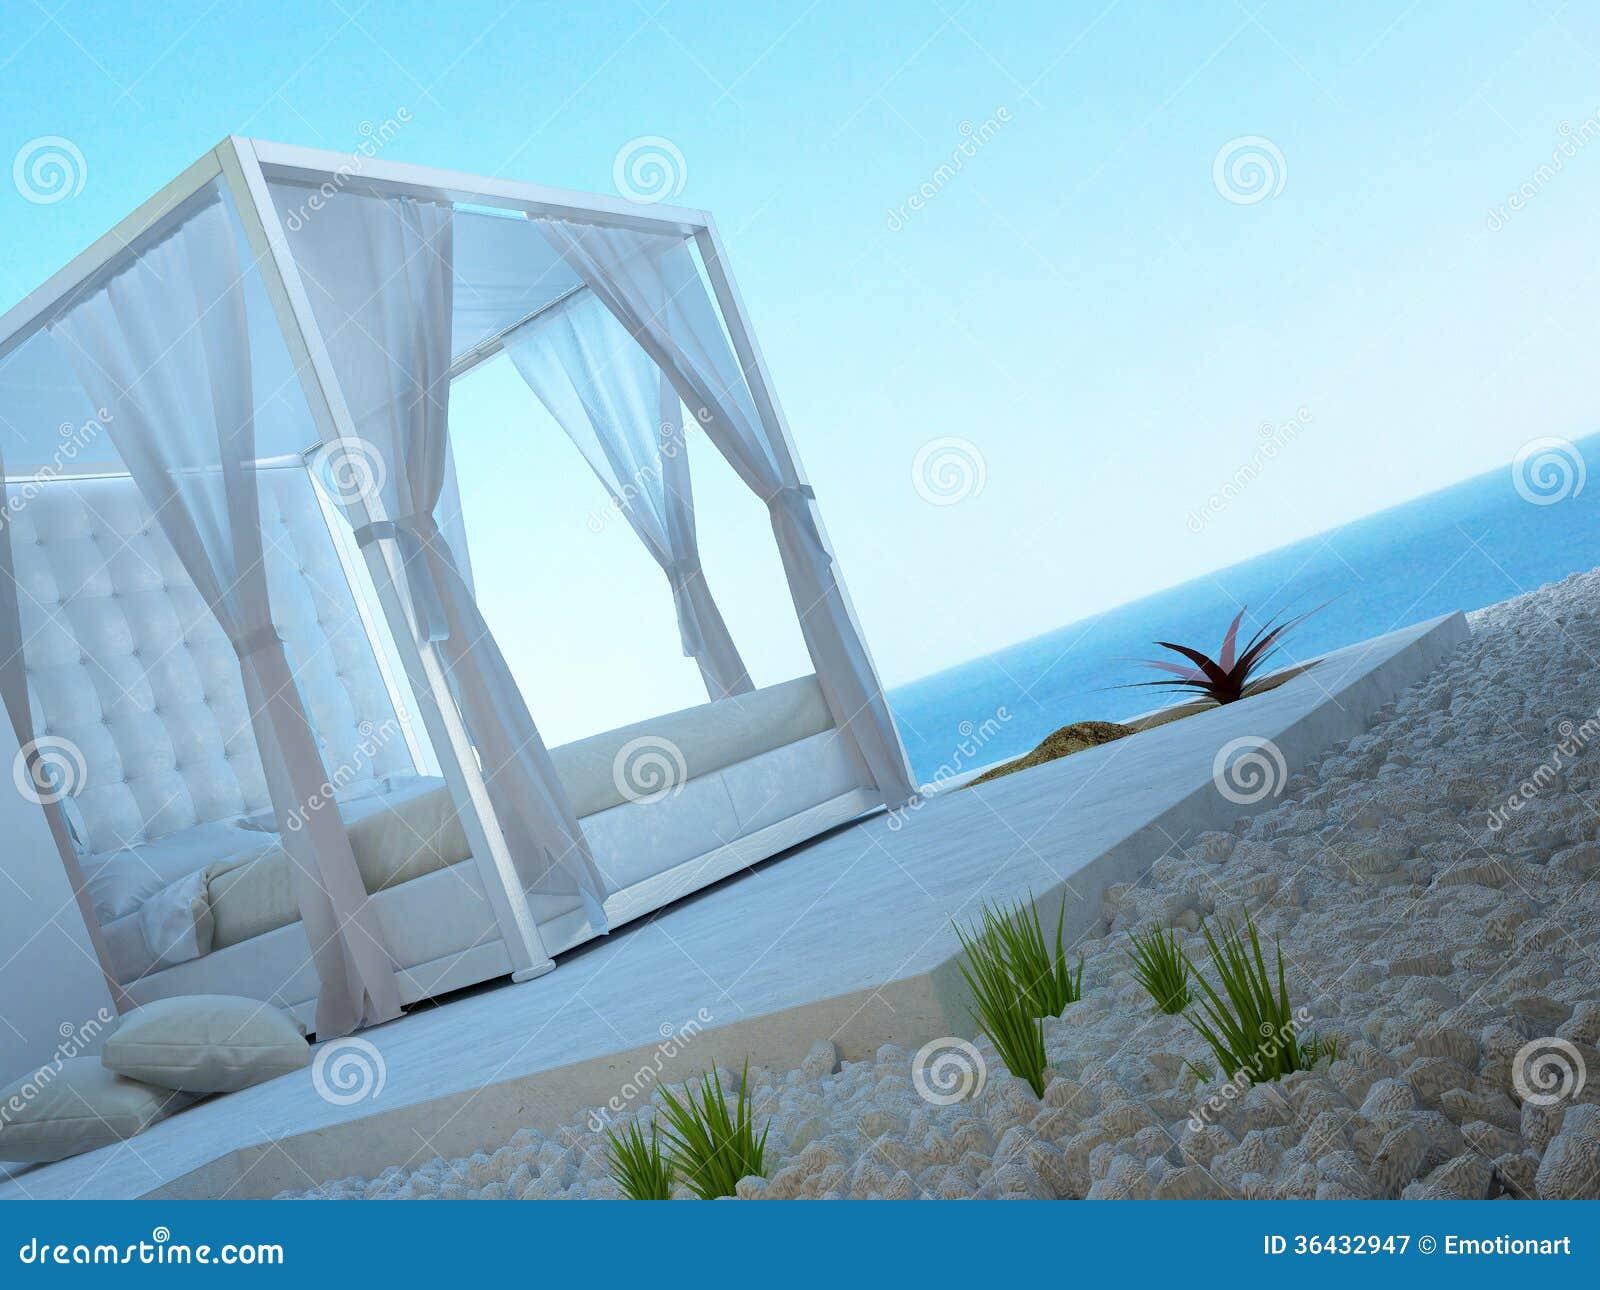 Letto a baldacchino bianco che sta all 39 aperto con la vista di vista sul mare illustrazione di - Letto a baldacchino bianco ...